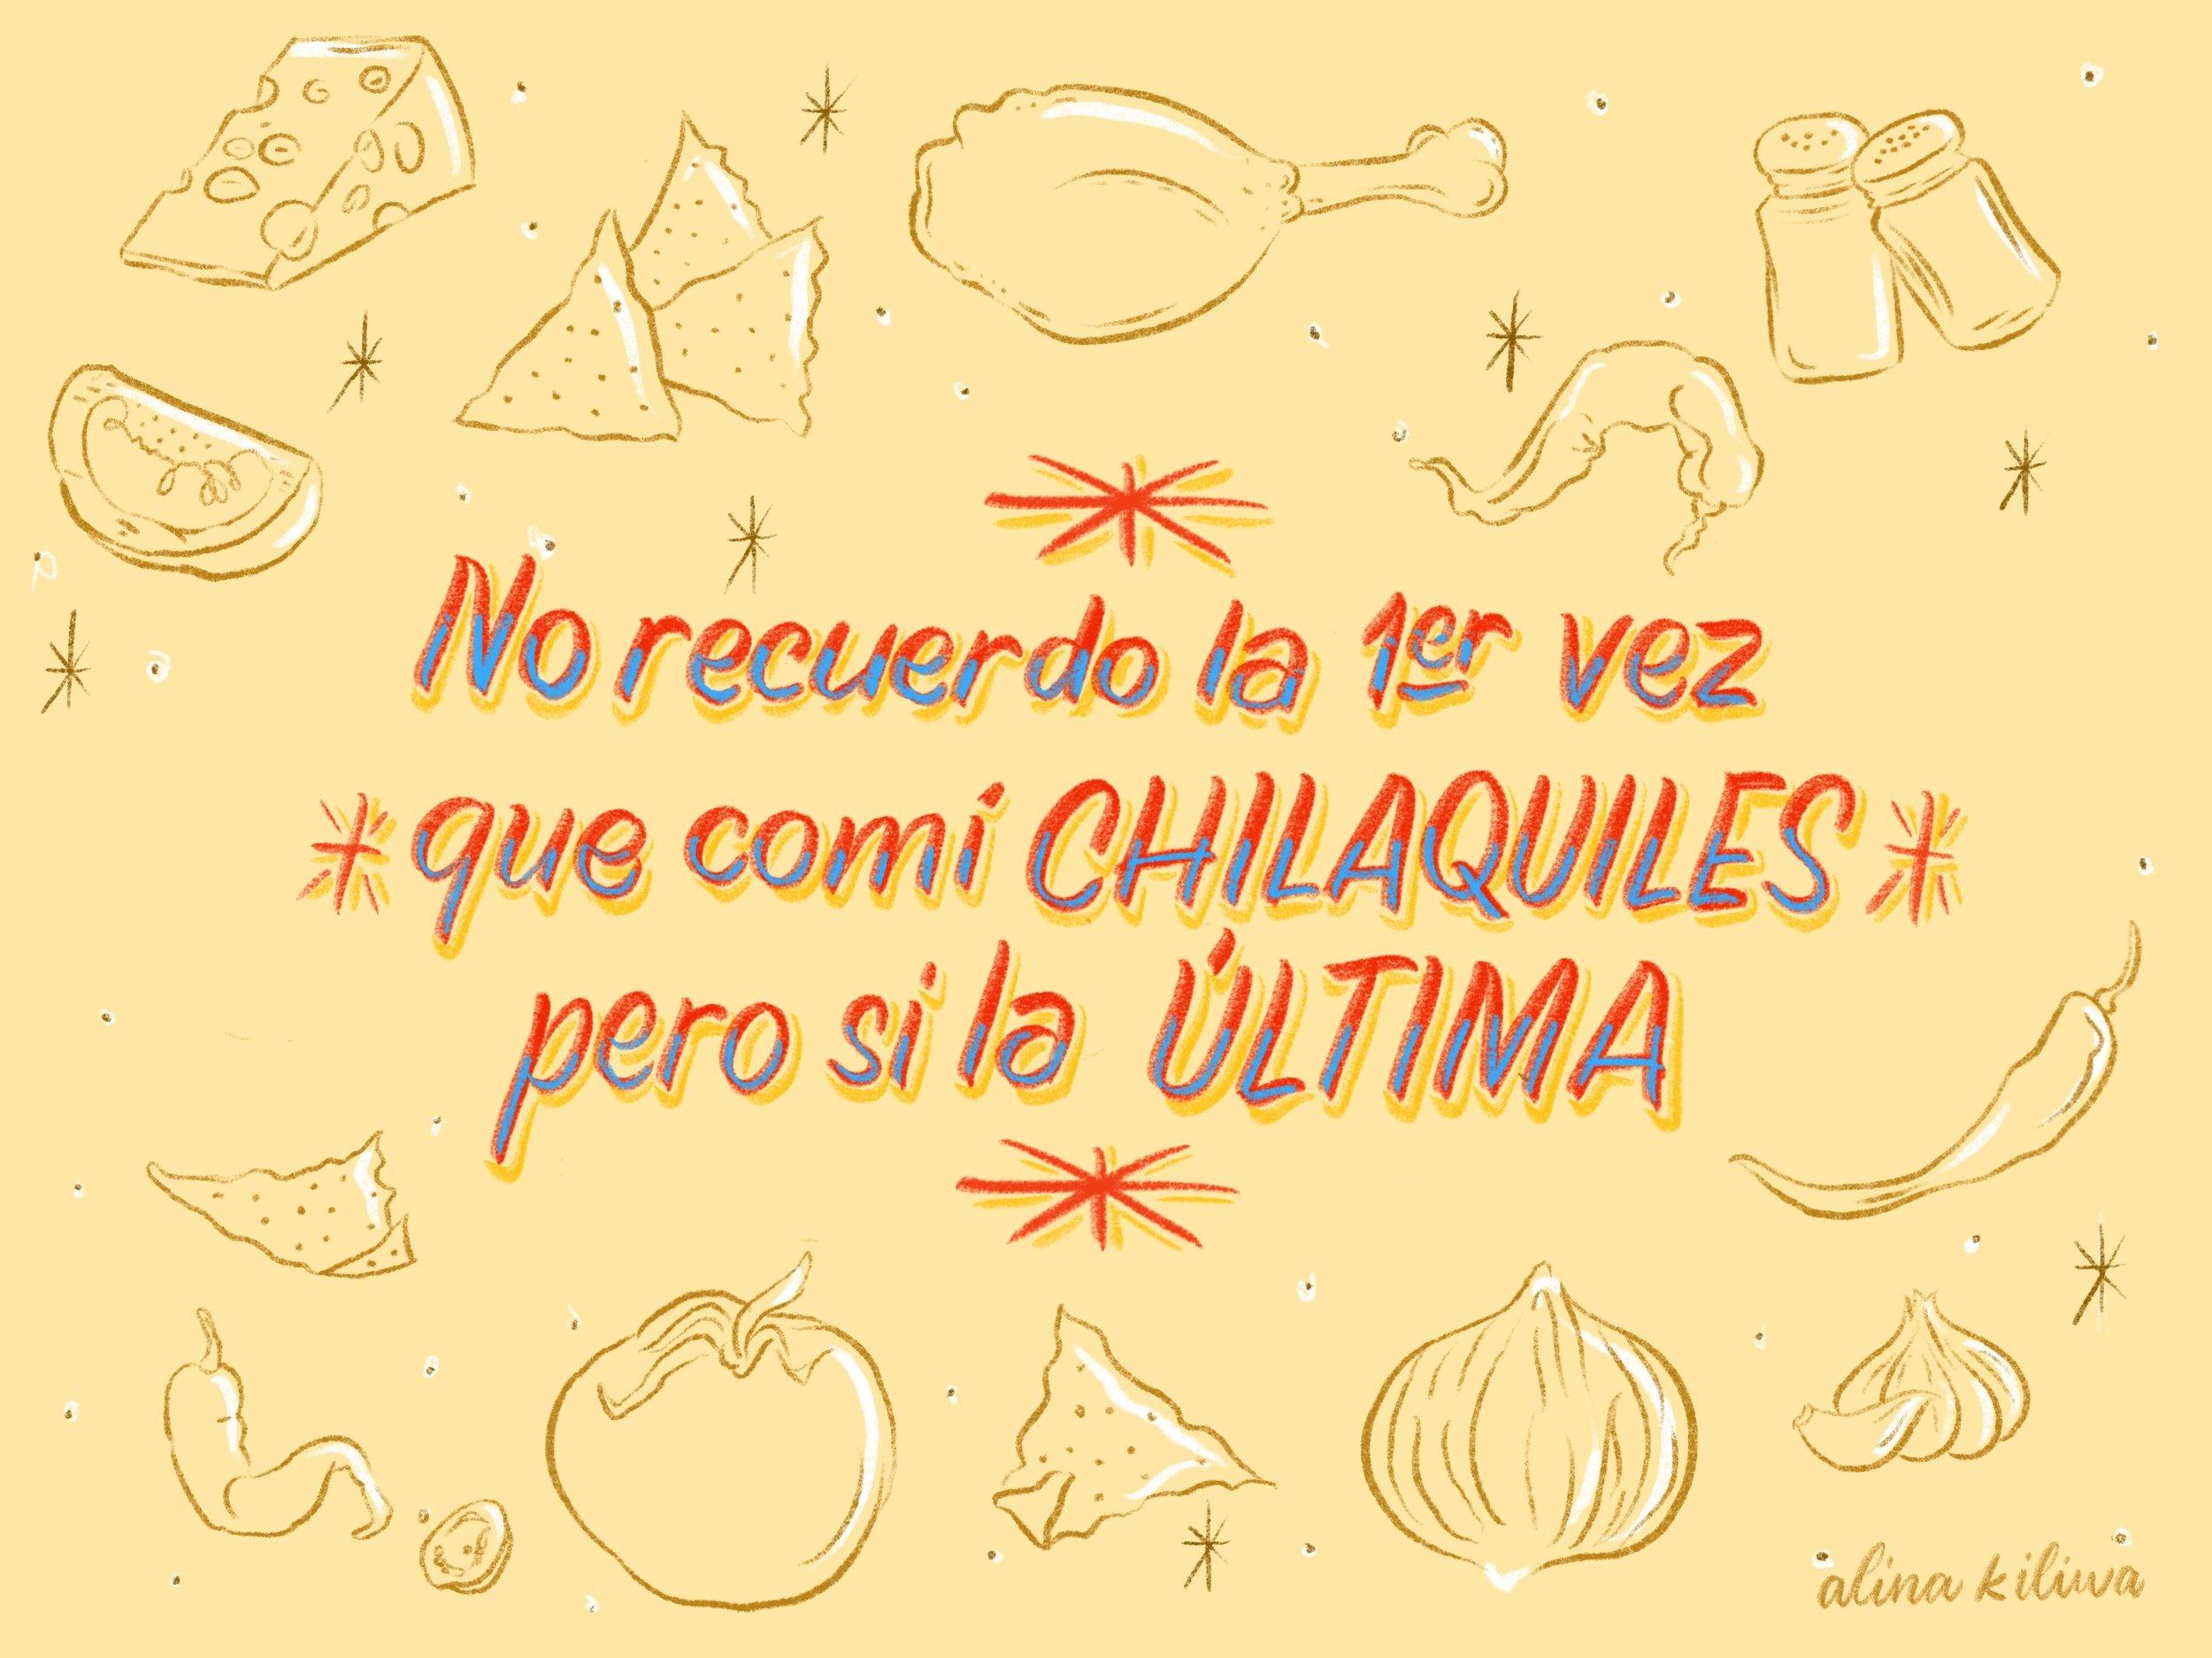 05272019_nota-chilaquiles 01.jpg